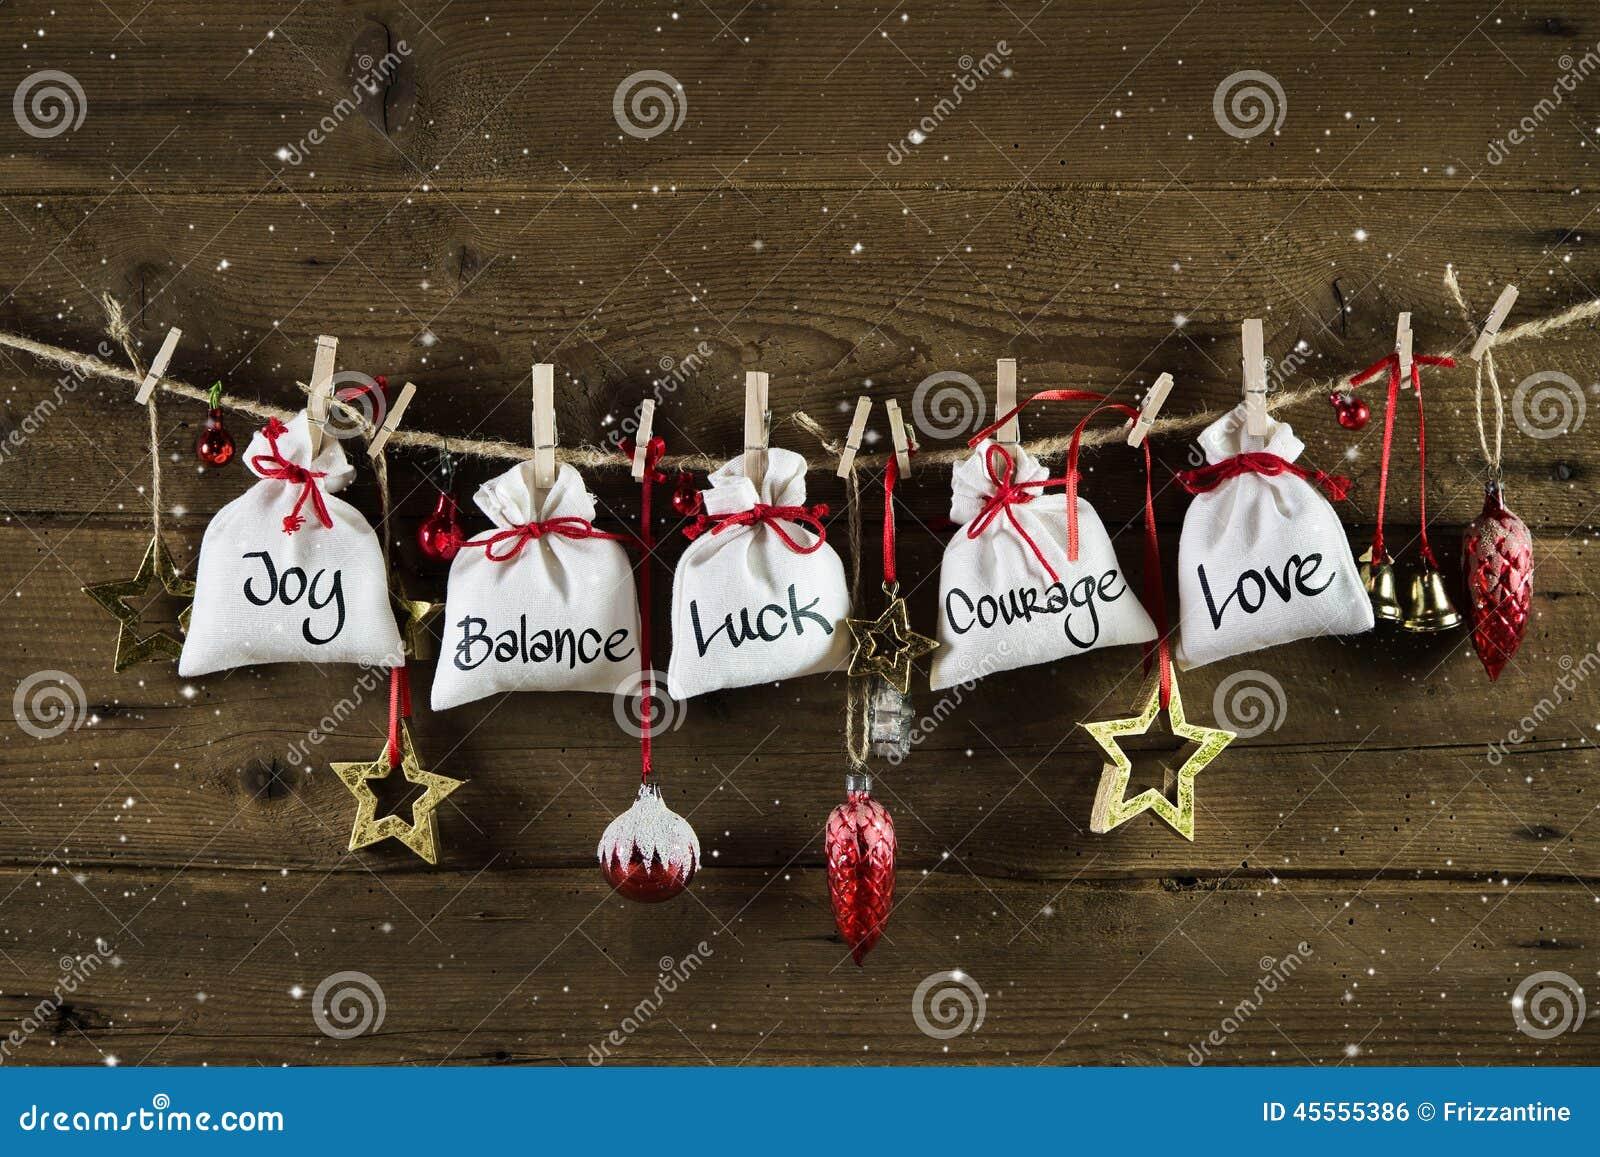 Weihnachten Ohne Geschenke - Geschenke Vom Herzen Mit Liebe ...